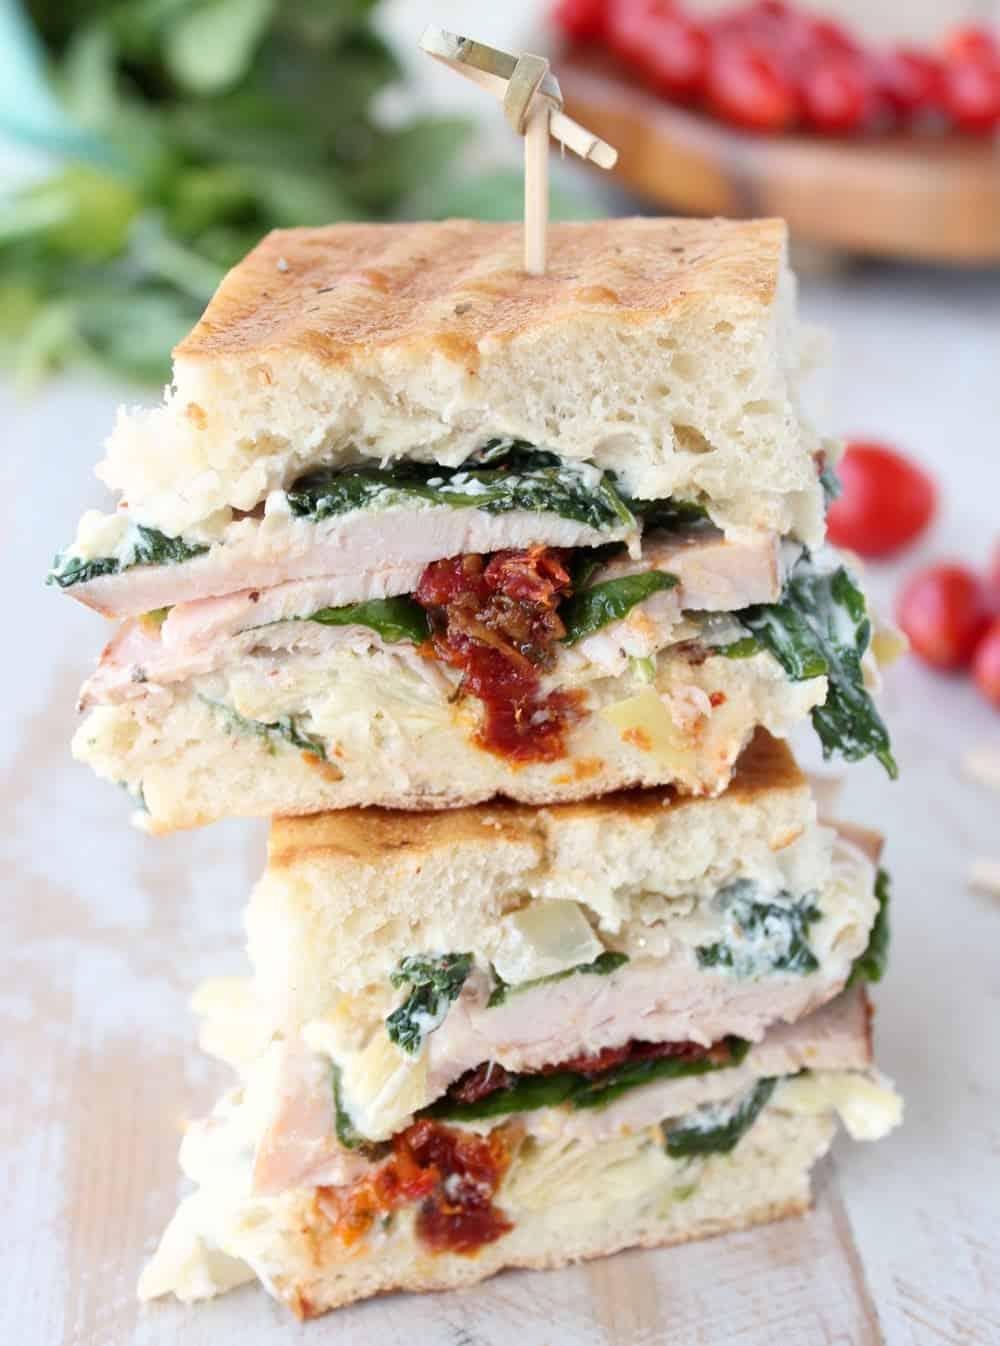 Spinach artichoke turkey panini